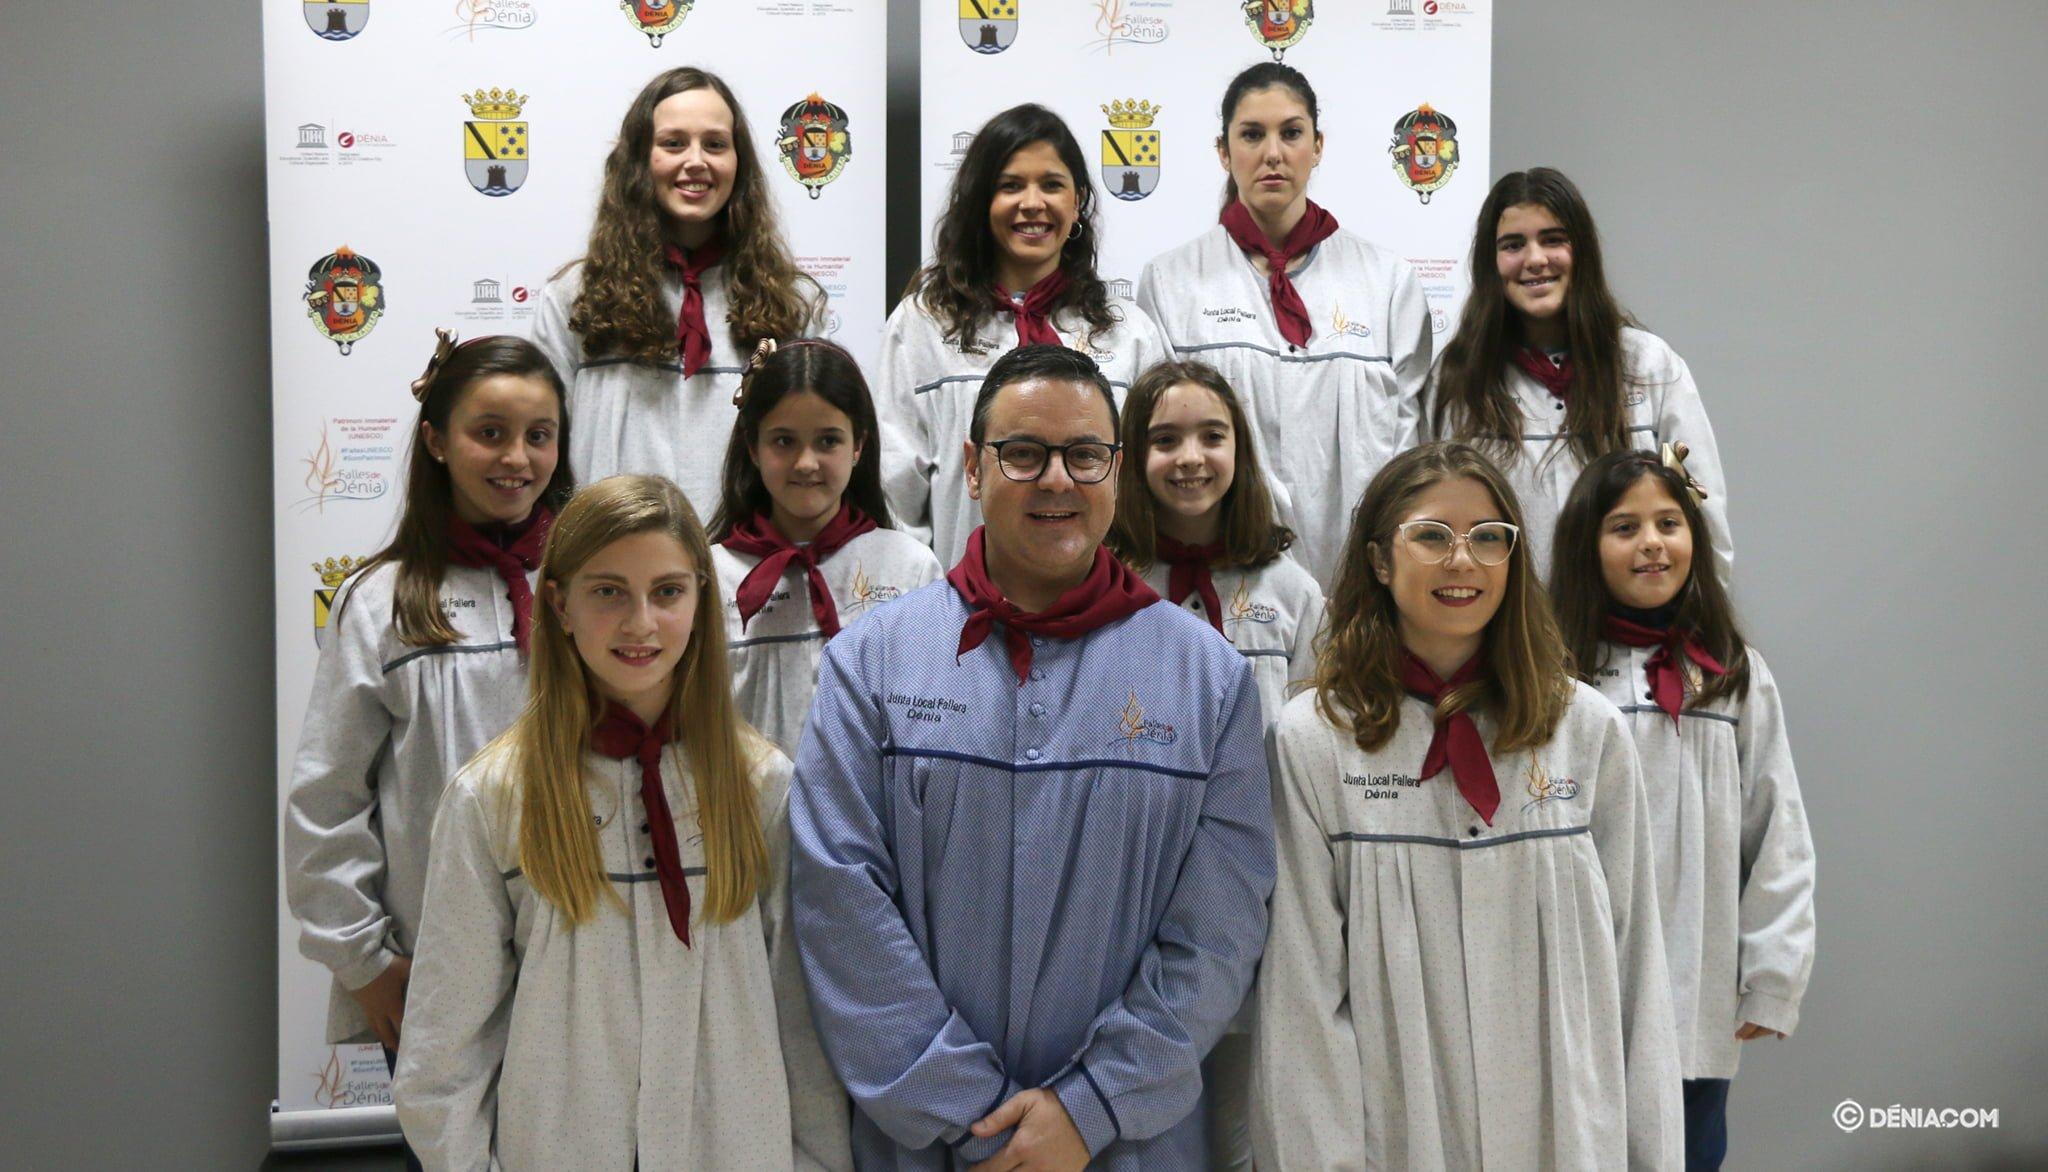 Juan Salvador Pérez Llopis, junto a las Falleras Mayores de Dénia, Safir Malonda y Martina Gimeno, y su corte